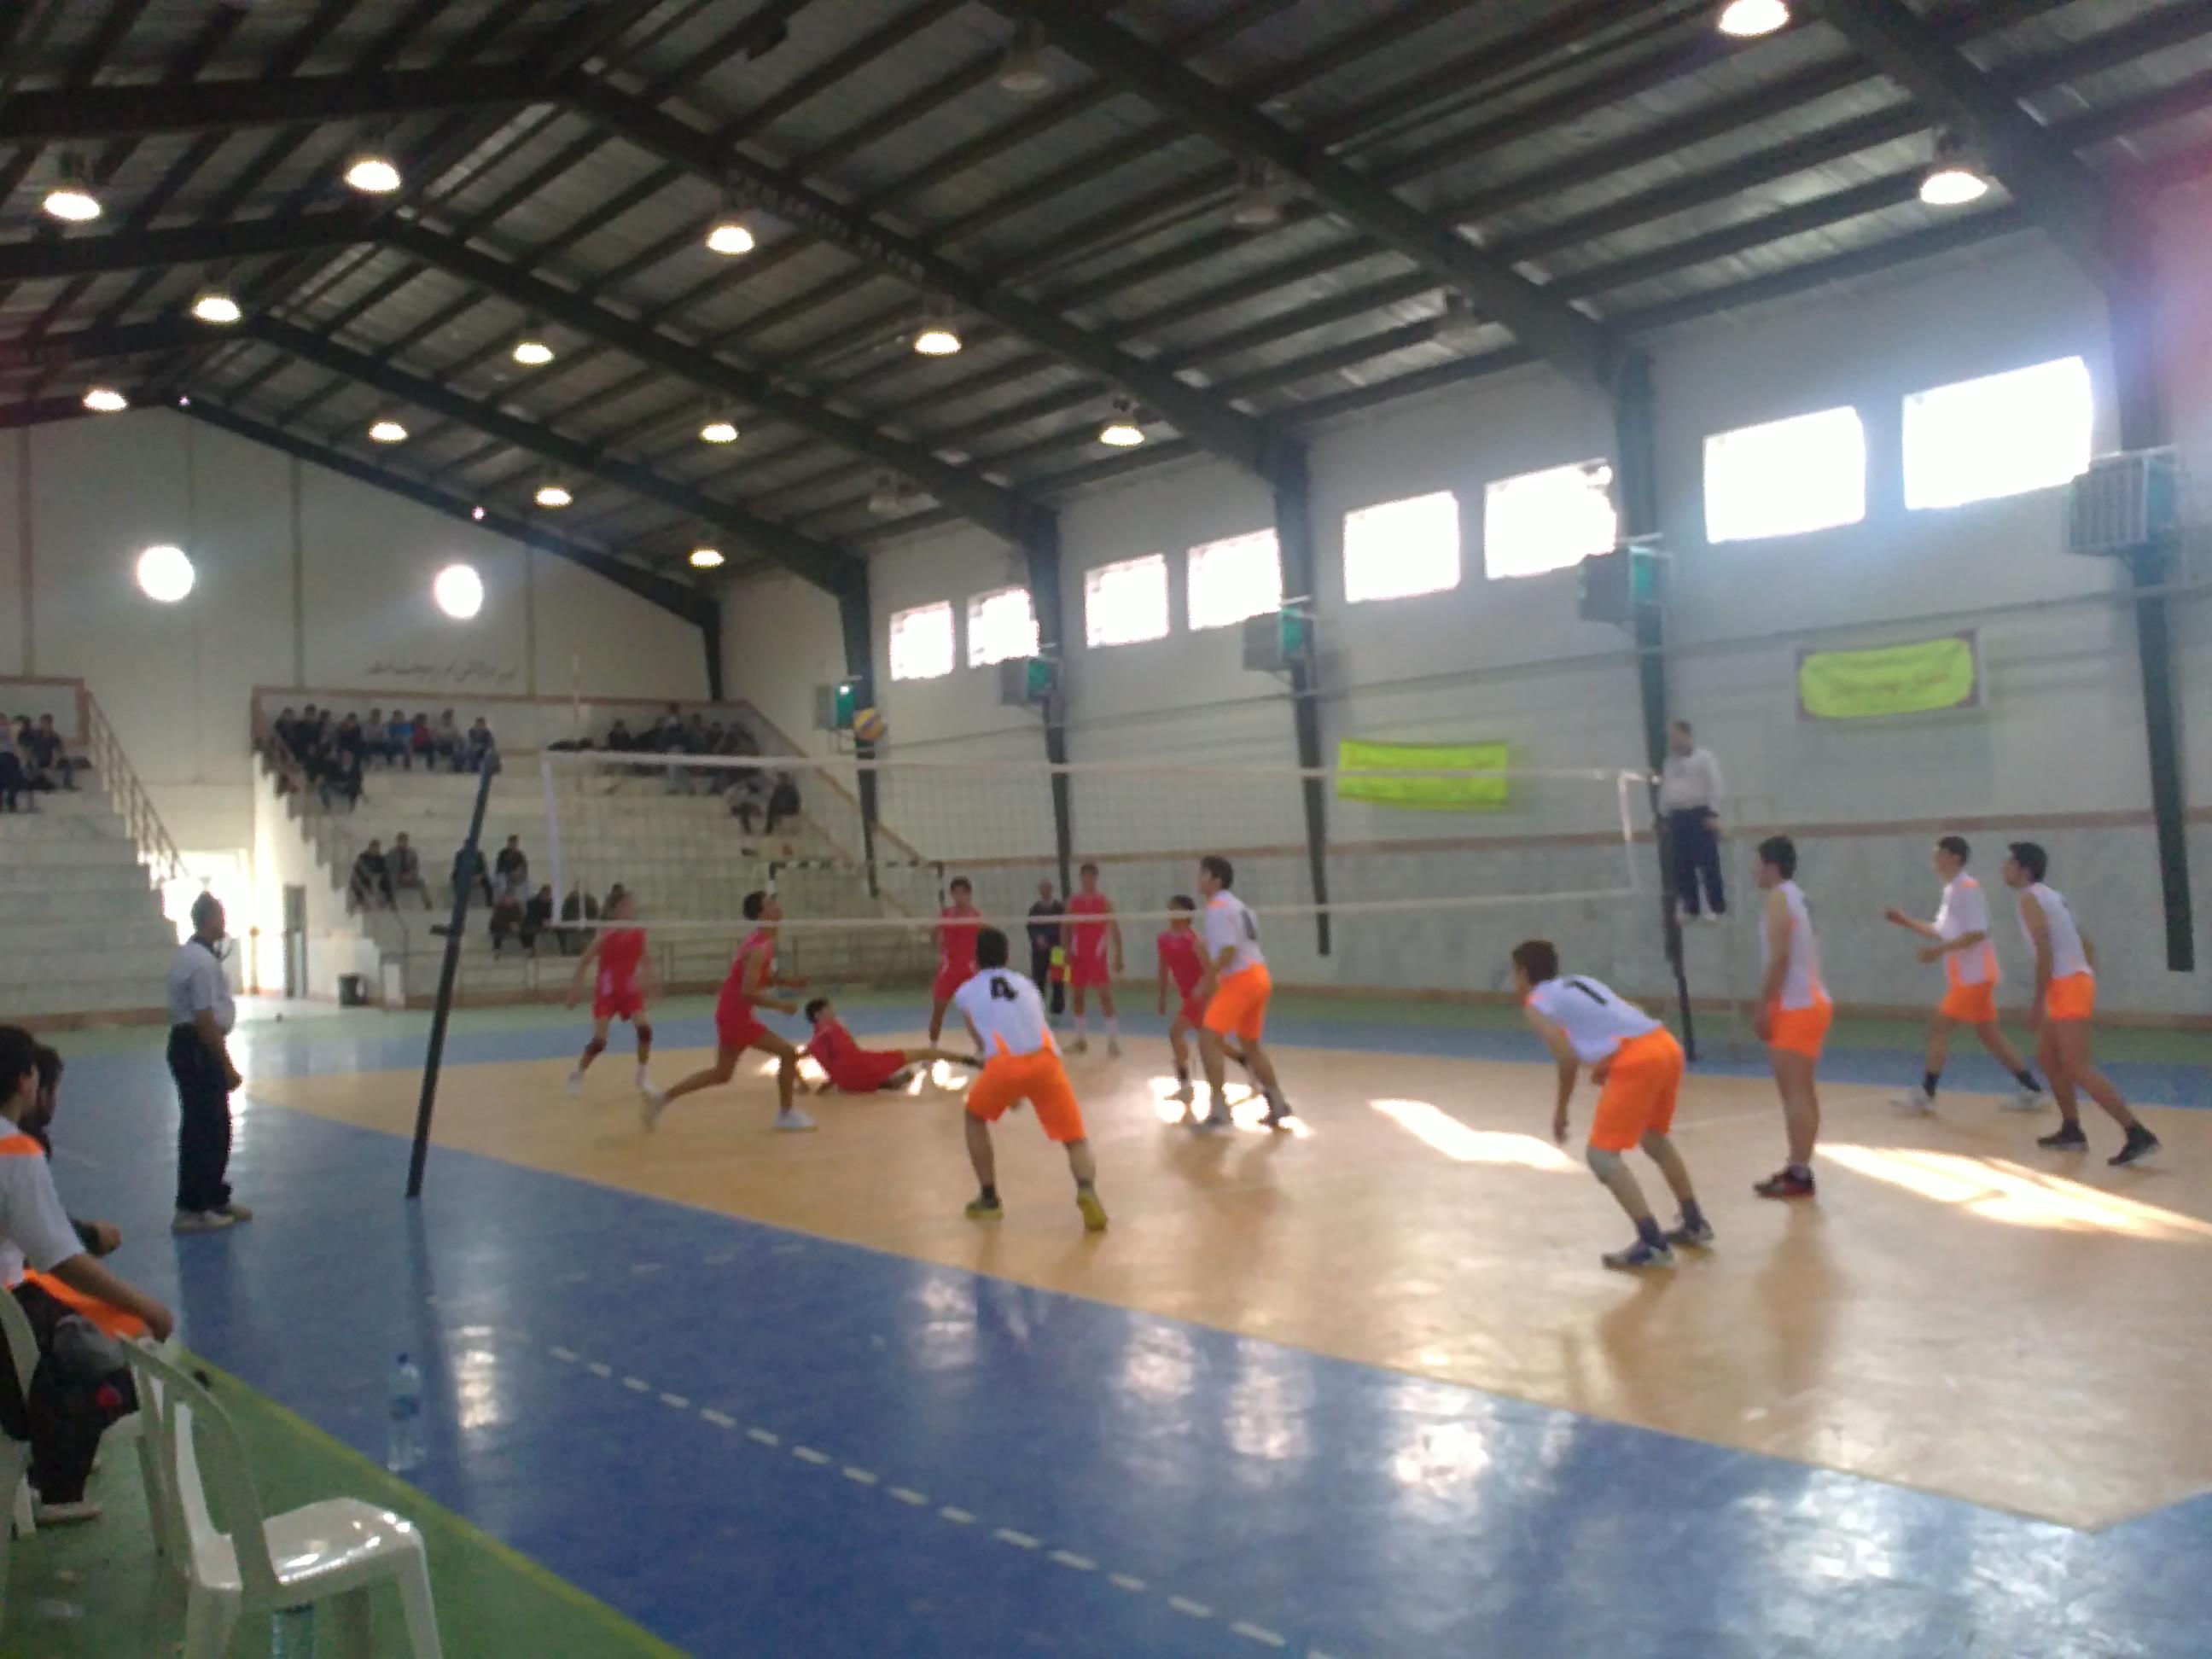 خمام - برگزاری مسابقات والیبال دانشآموزی در مقطع تحصیلی متوسطه